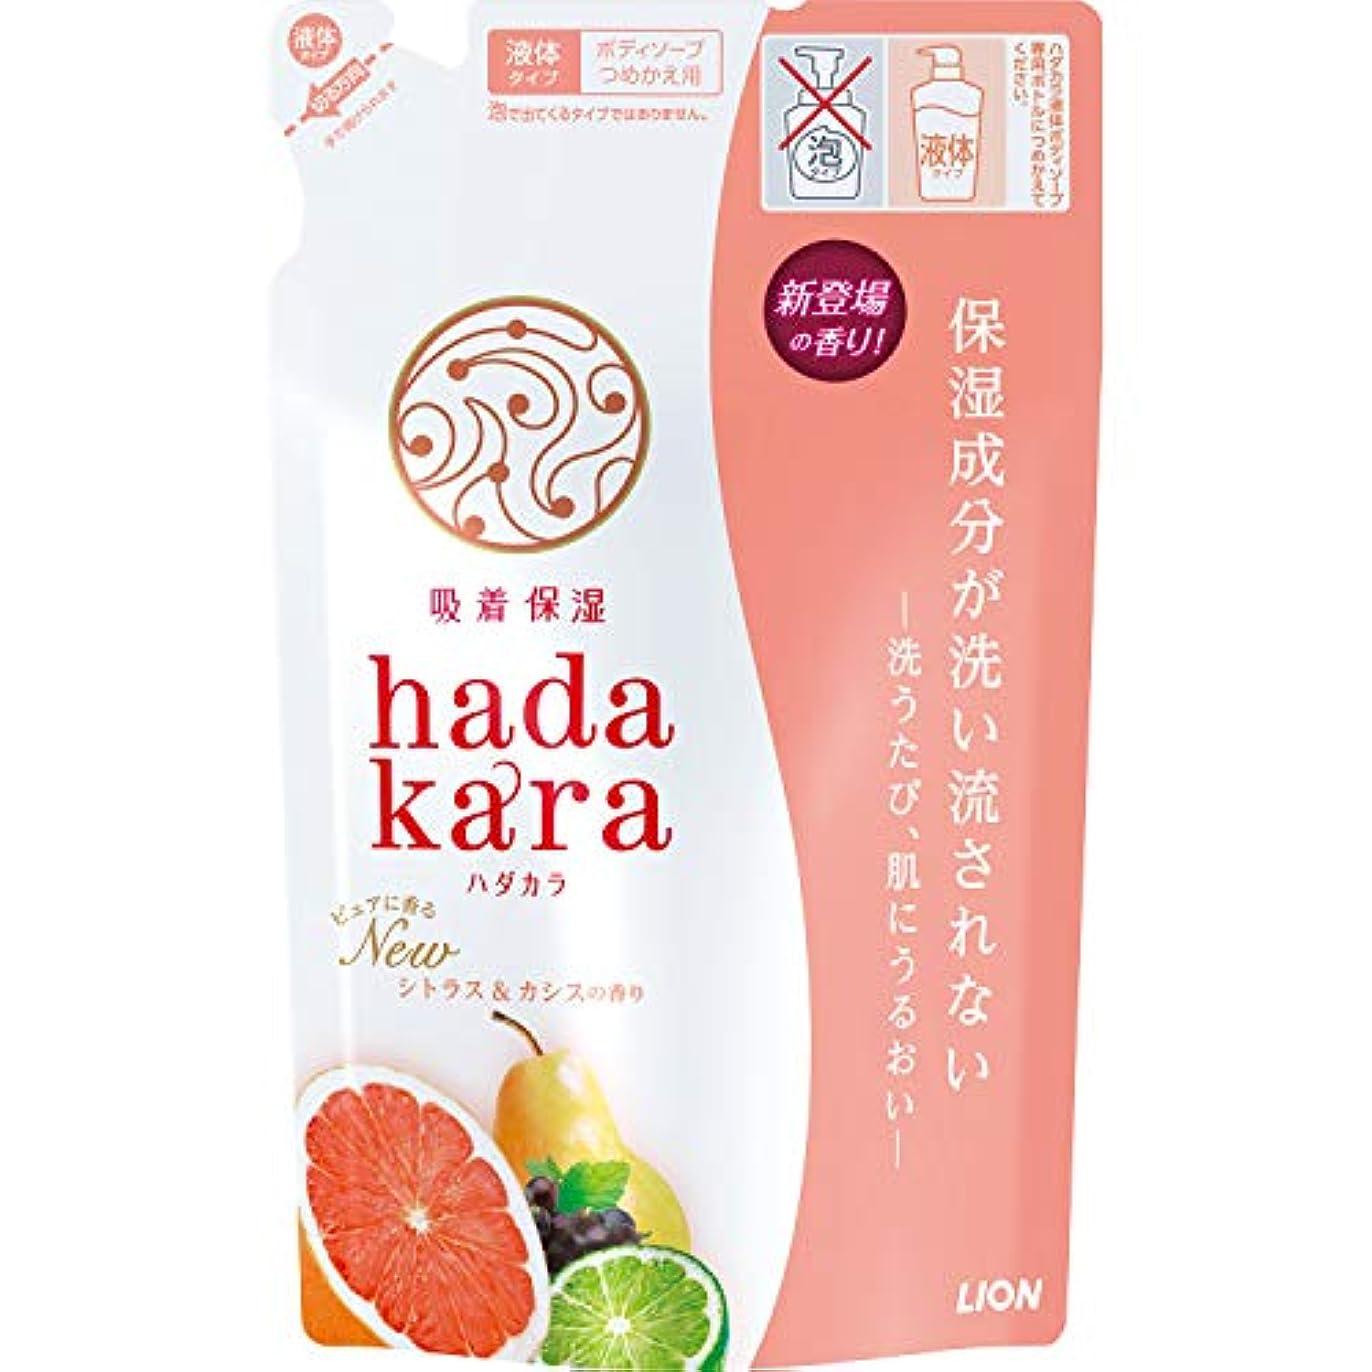 破滅的なカフェ宇宙船hadakara(ハダカラ) ボディソープ シトラス&カシスの香り つめかえ 360ml 詰替え用